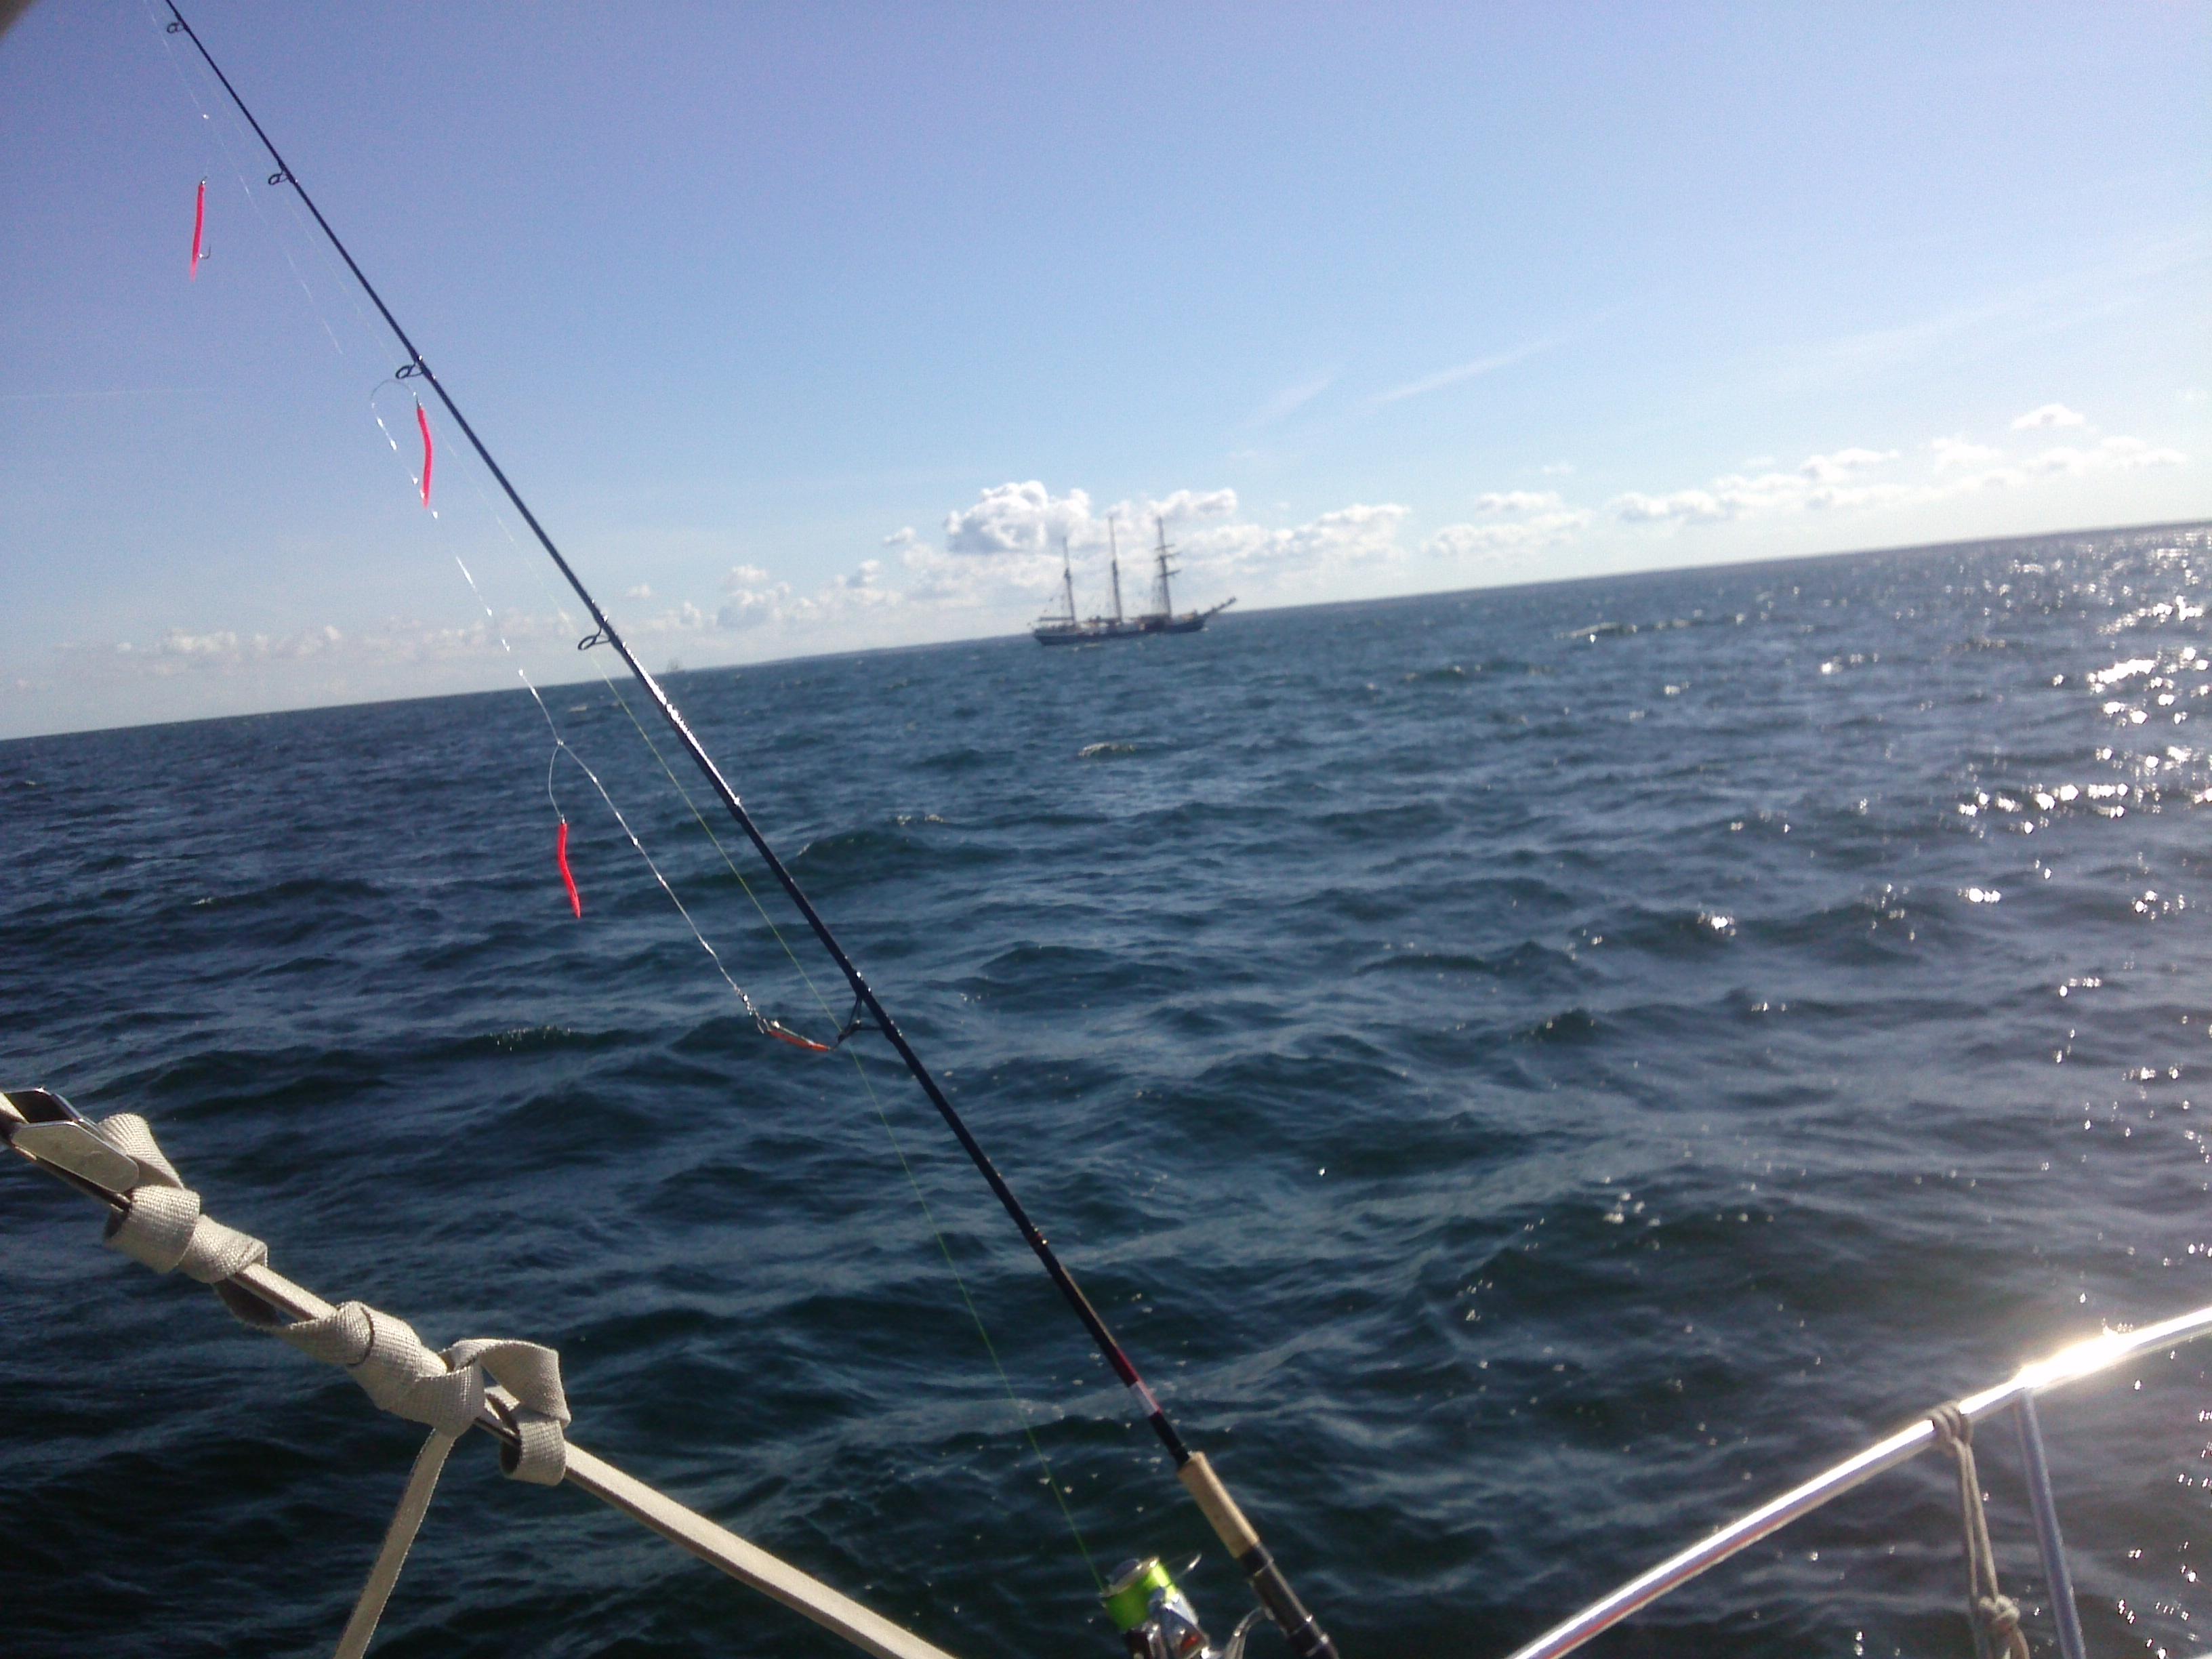 Fiskado - OWS 18.08.2018 033 - Ostseewassersport - Poseidon - angeltouren, ferienwohnungen, cutter-rides, bootsverleih, boat-charters, angelguiding